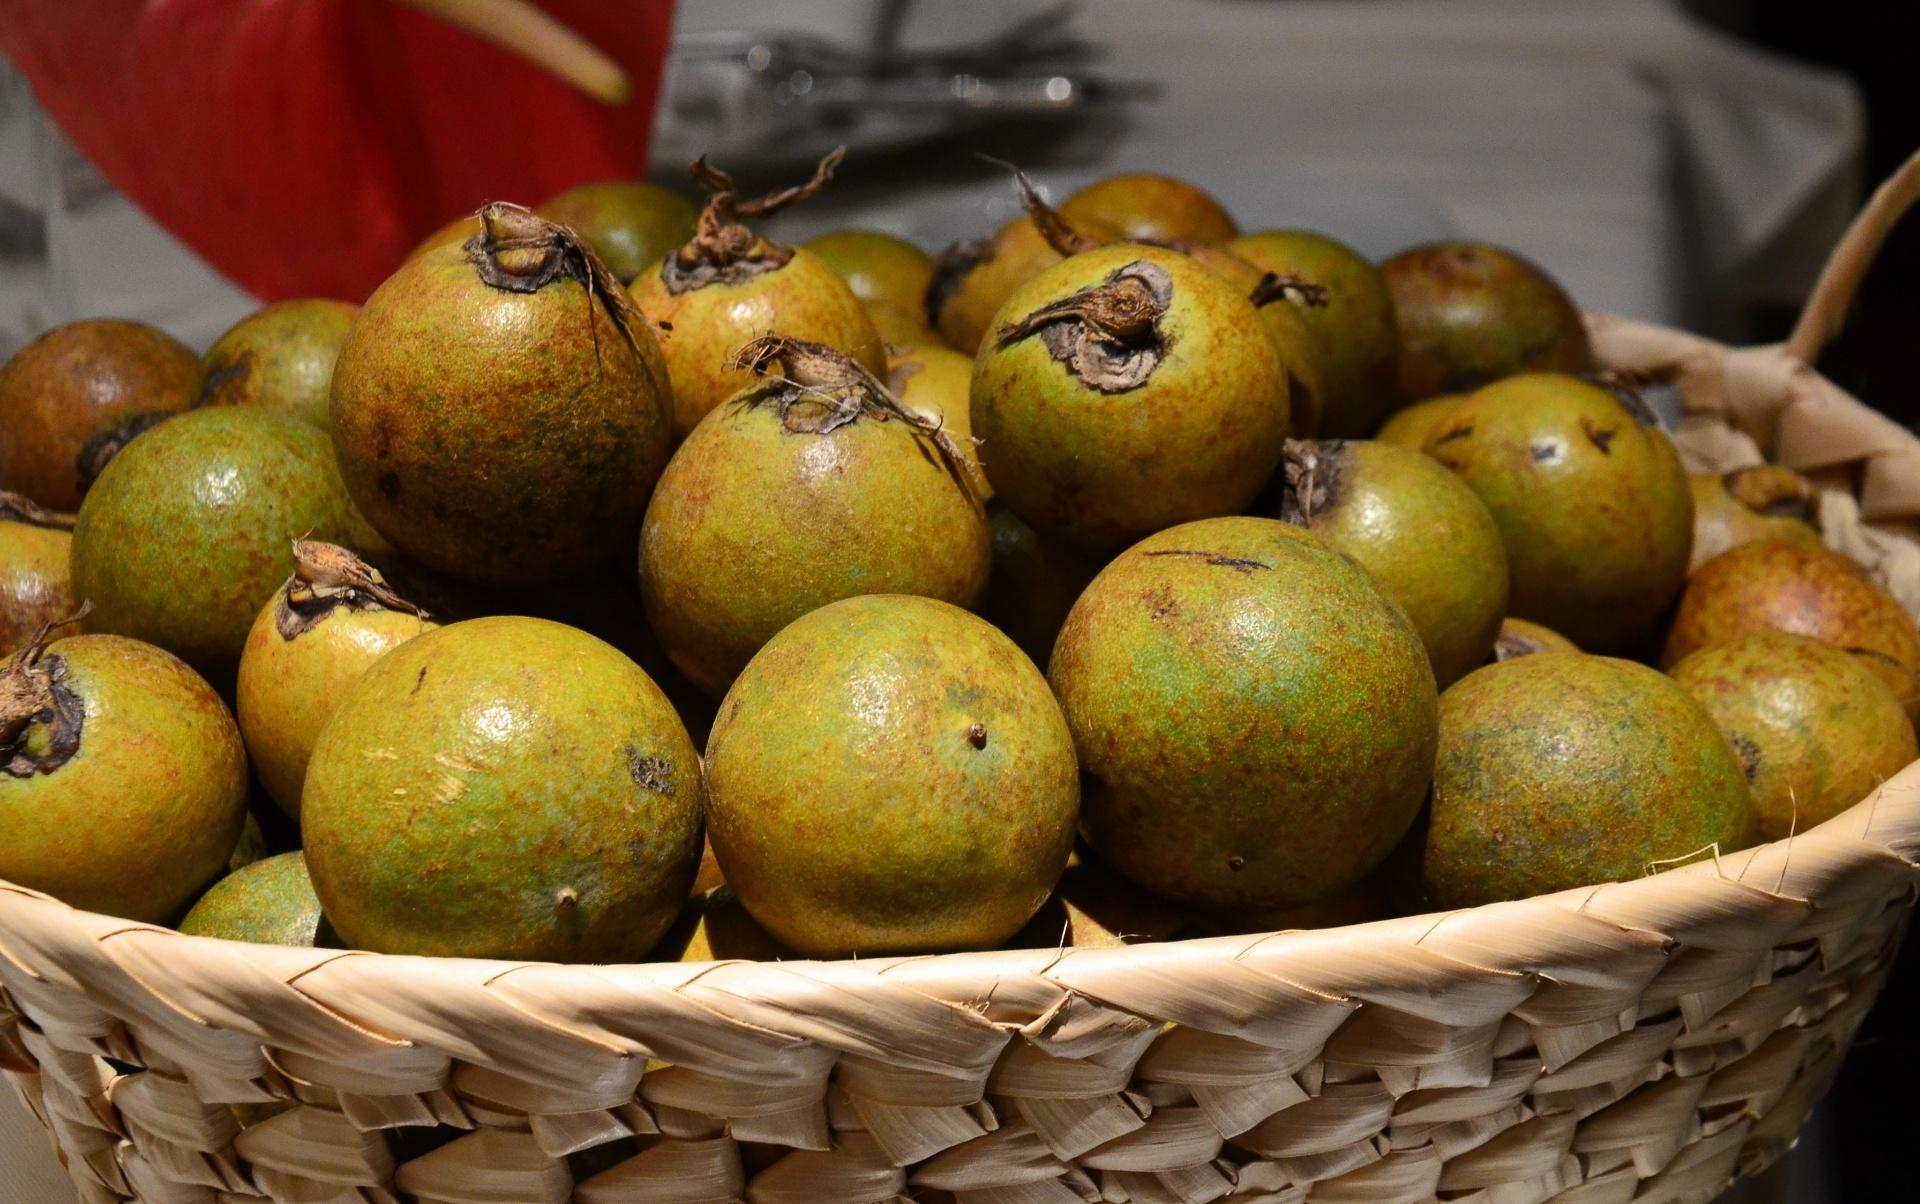 Fotos: Fruta do cerrado, macaúba se transforma em pratos salgados ...